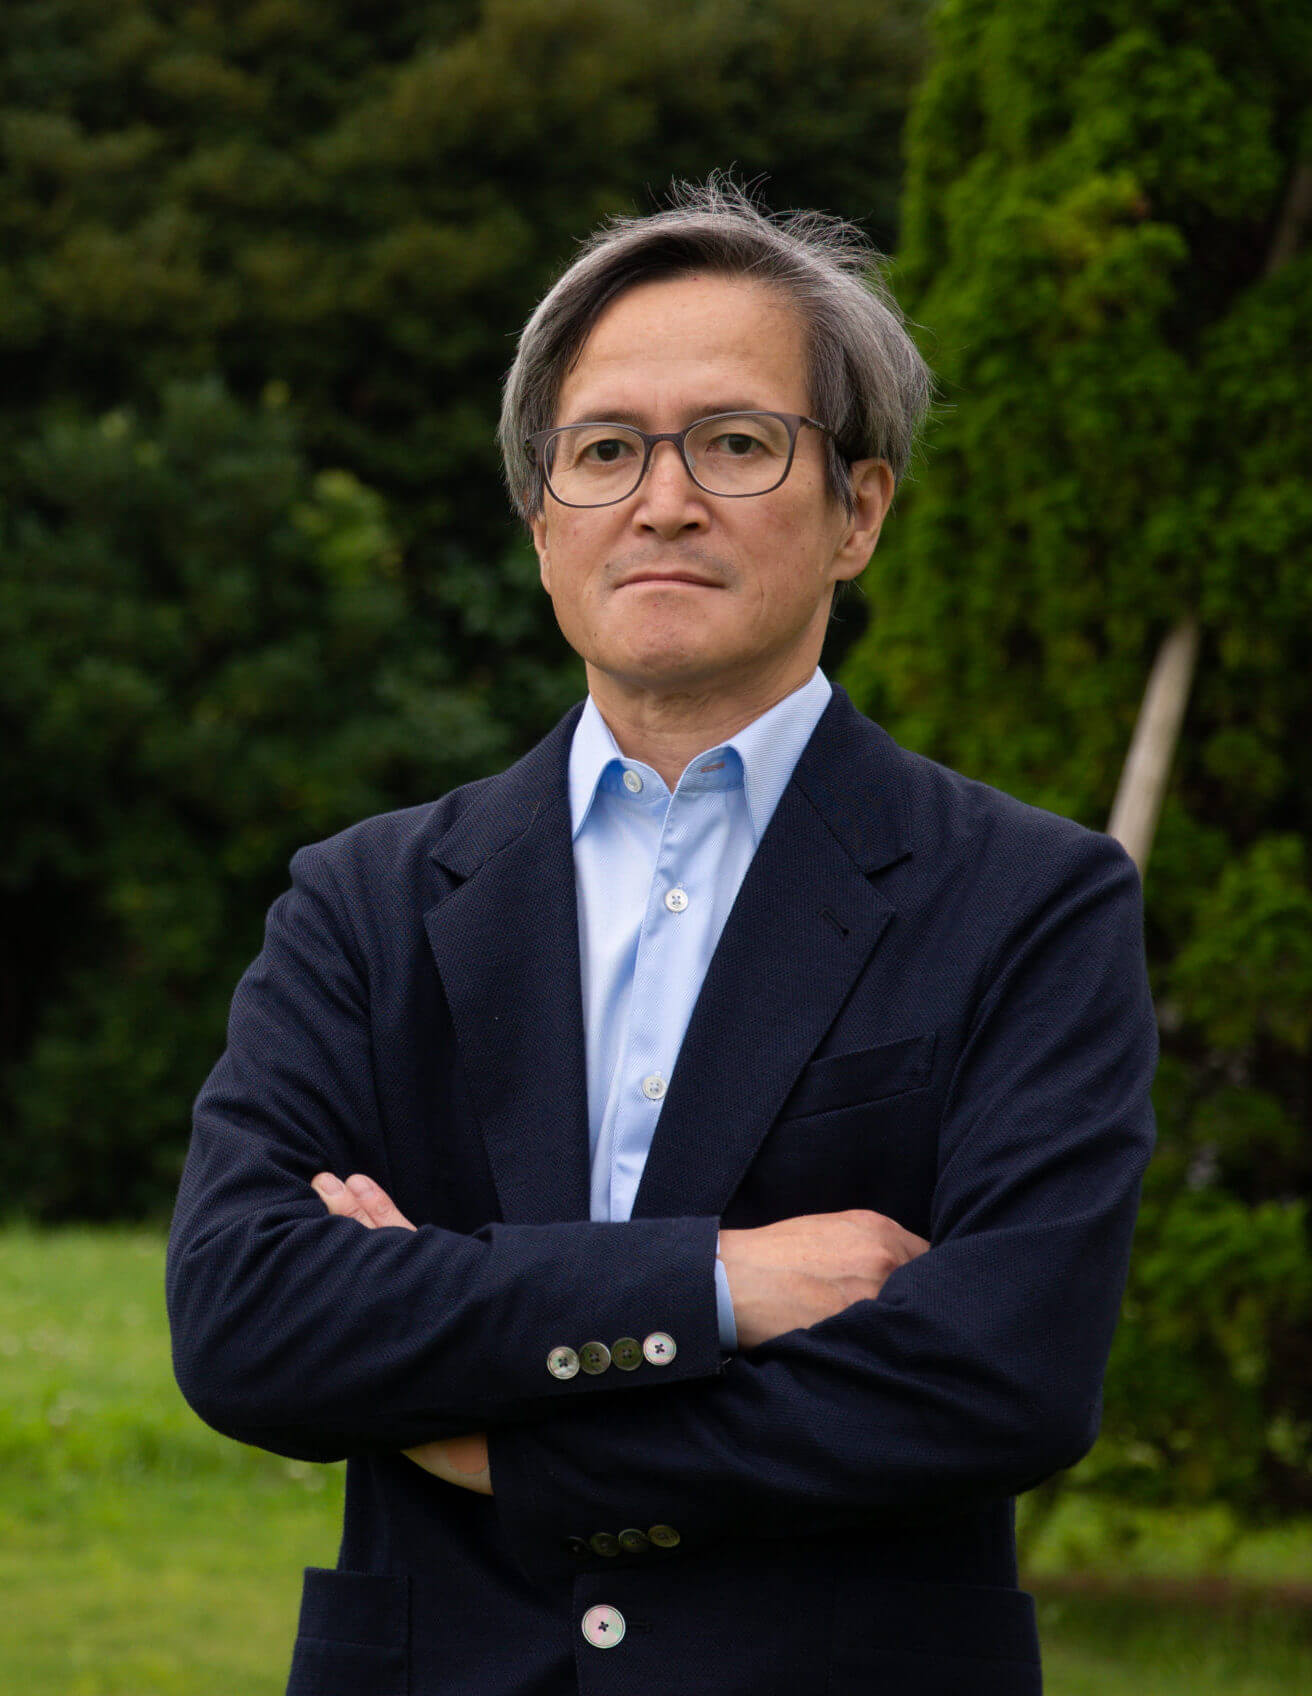 佐鳥新 | 北海道衛星株式会社